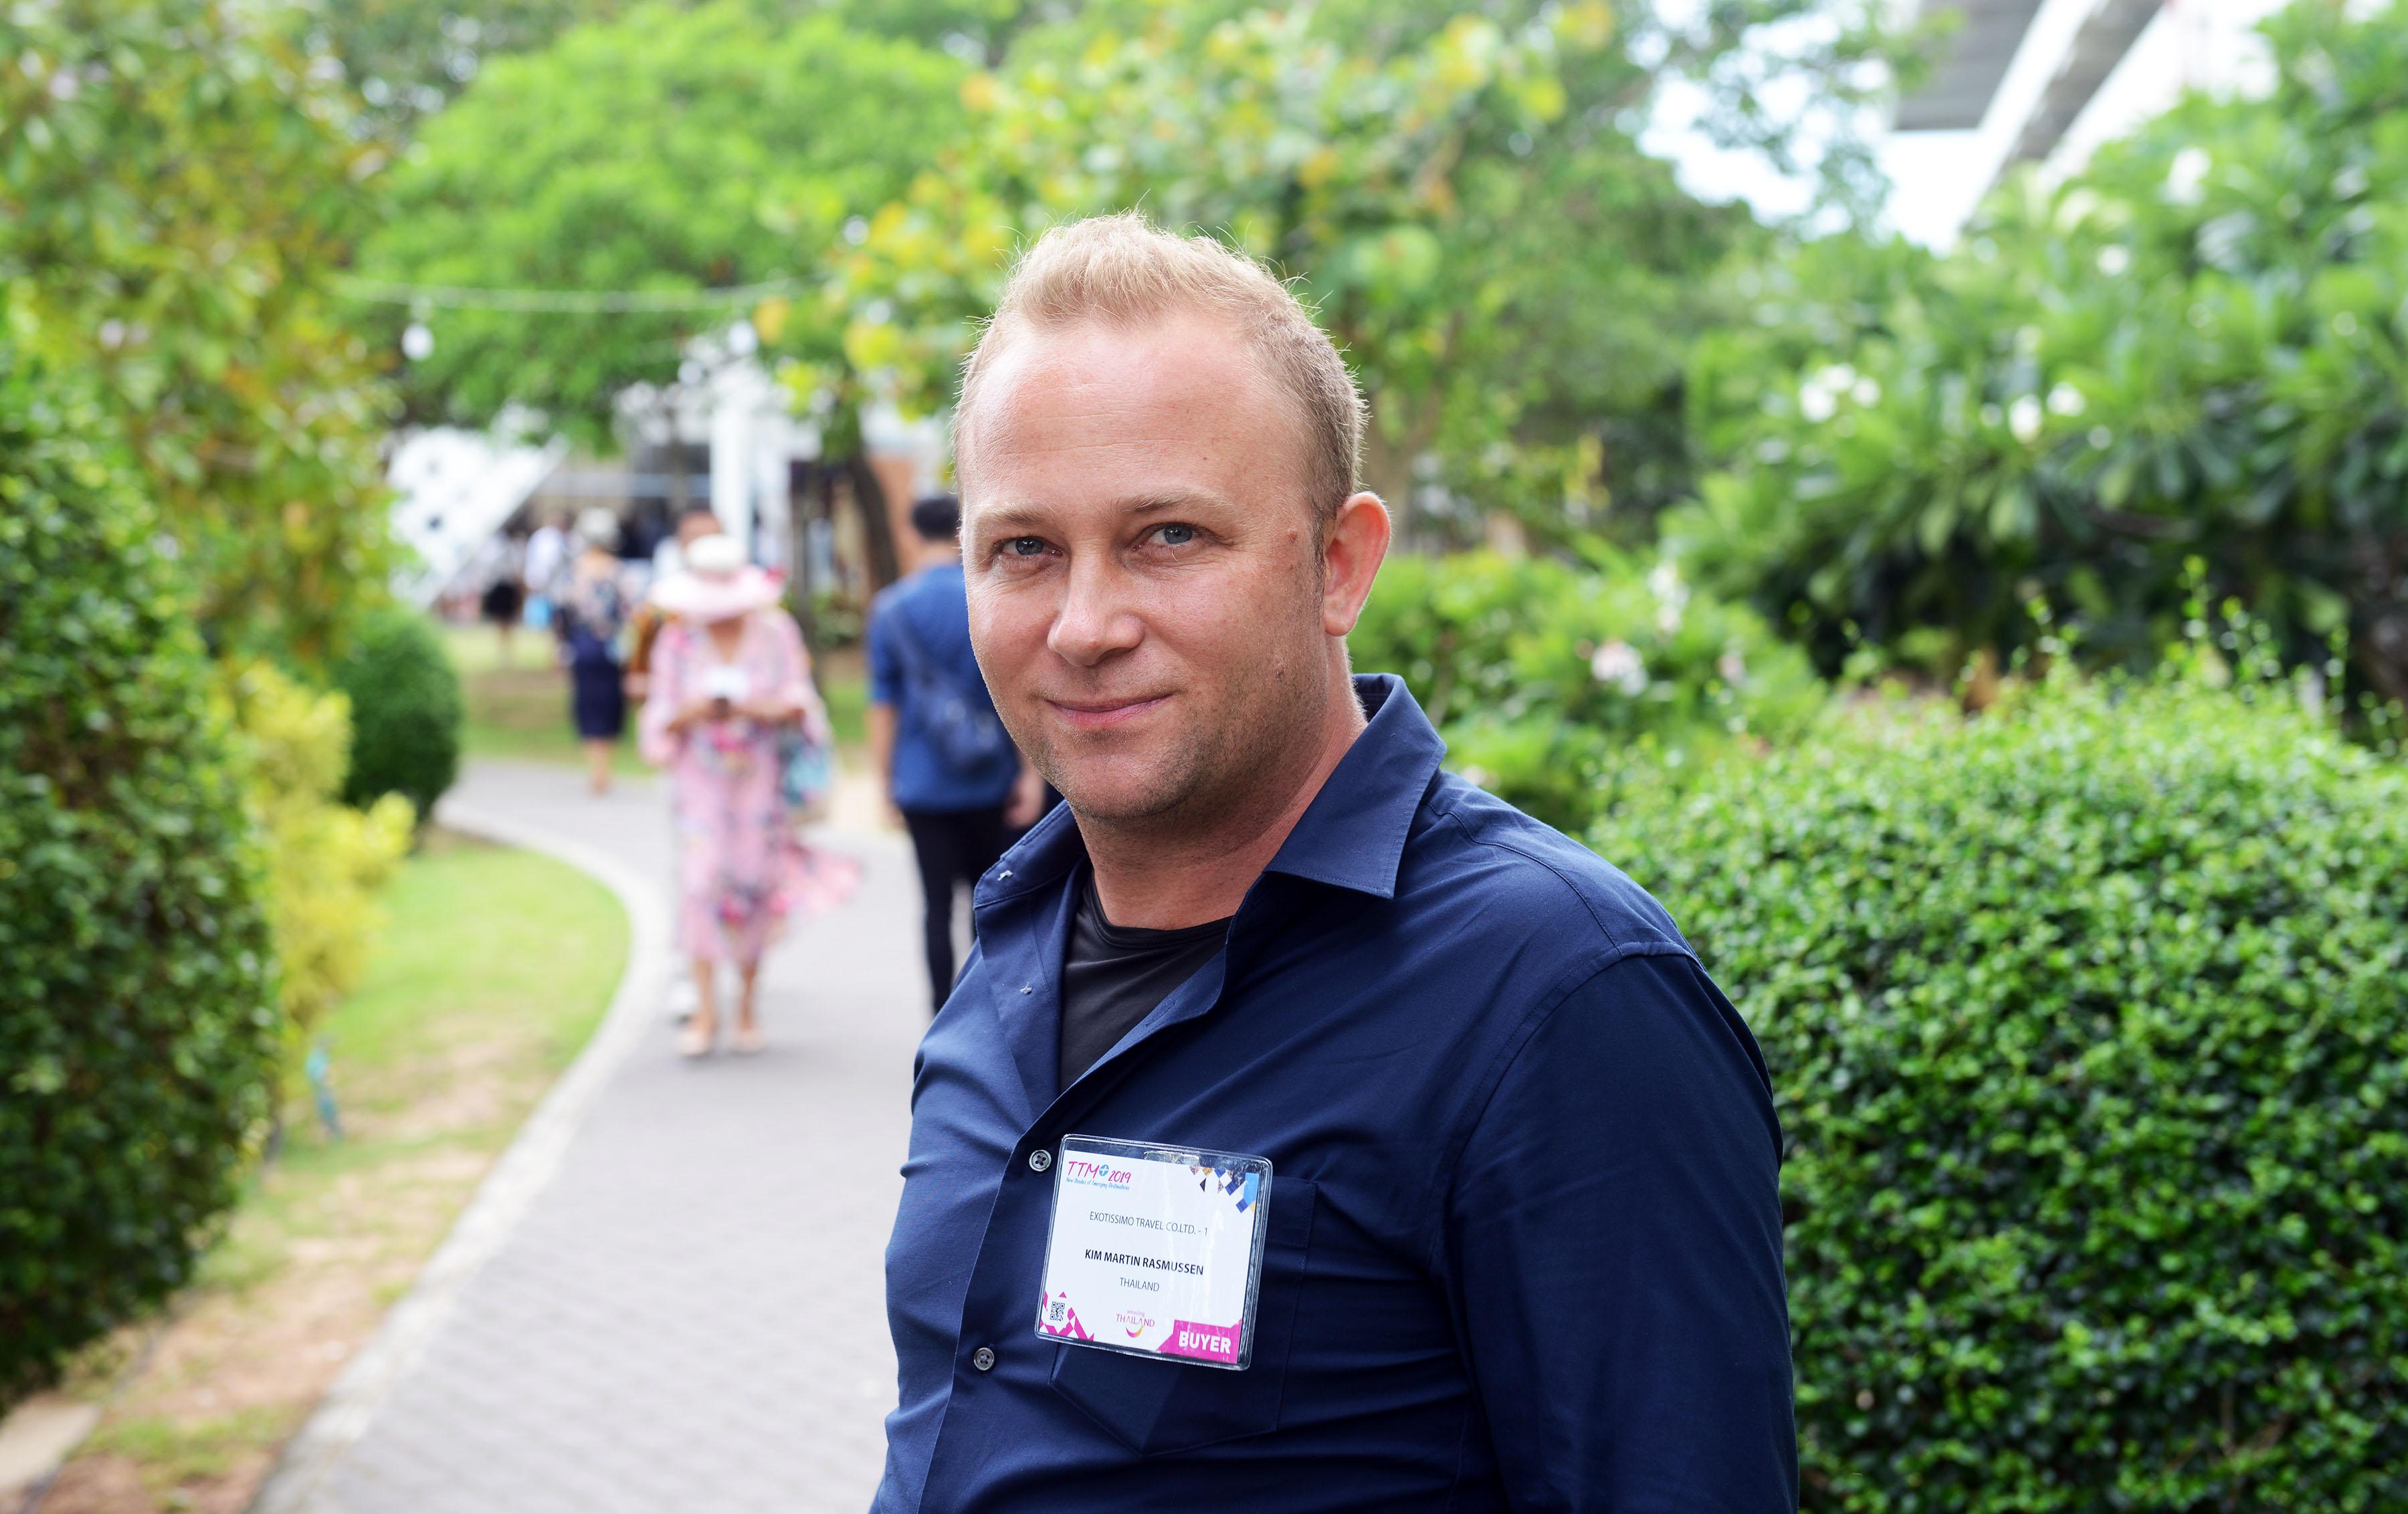 Nordjyden Kim Martin Rasmussen har vært bosat i Bangkok i 12 år, og deltog på Thailand Travel Mart i Pattaya. (Foto: Joakim J. Hvistendahl)